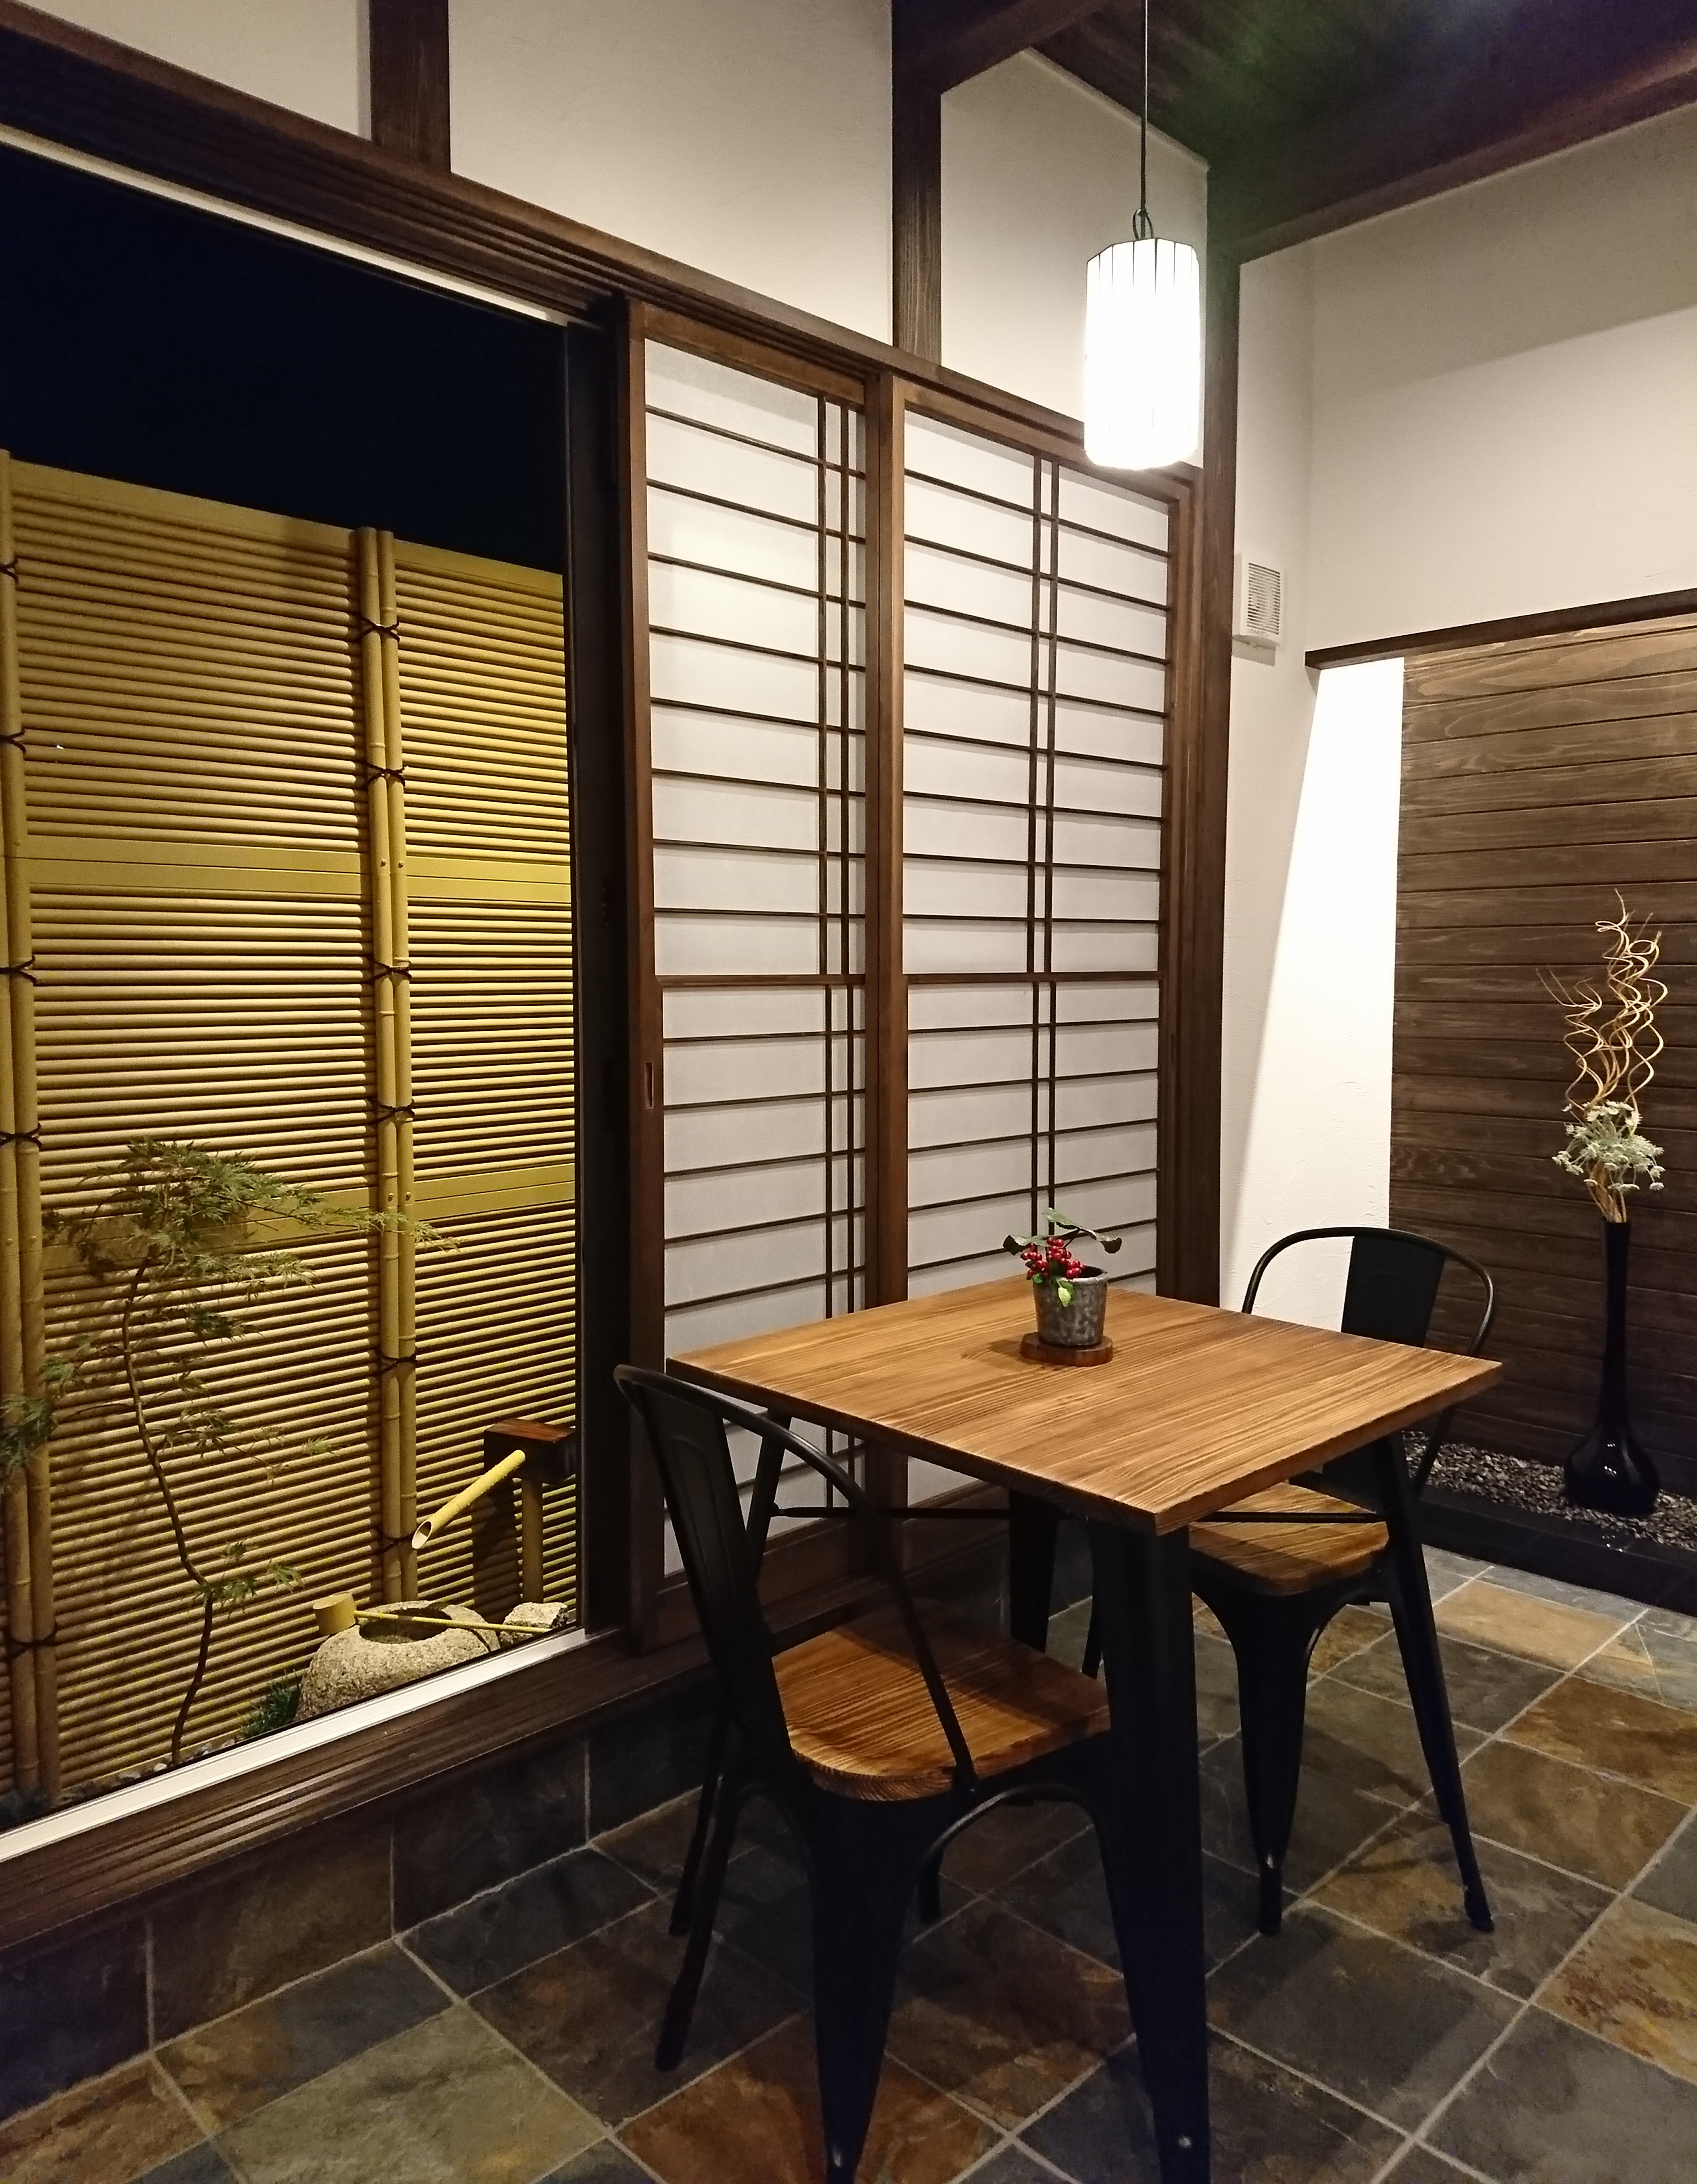 和モダン モデルハウス「どこか懐かしくて 新しい家」公開中